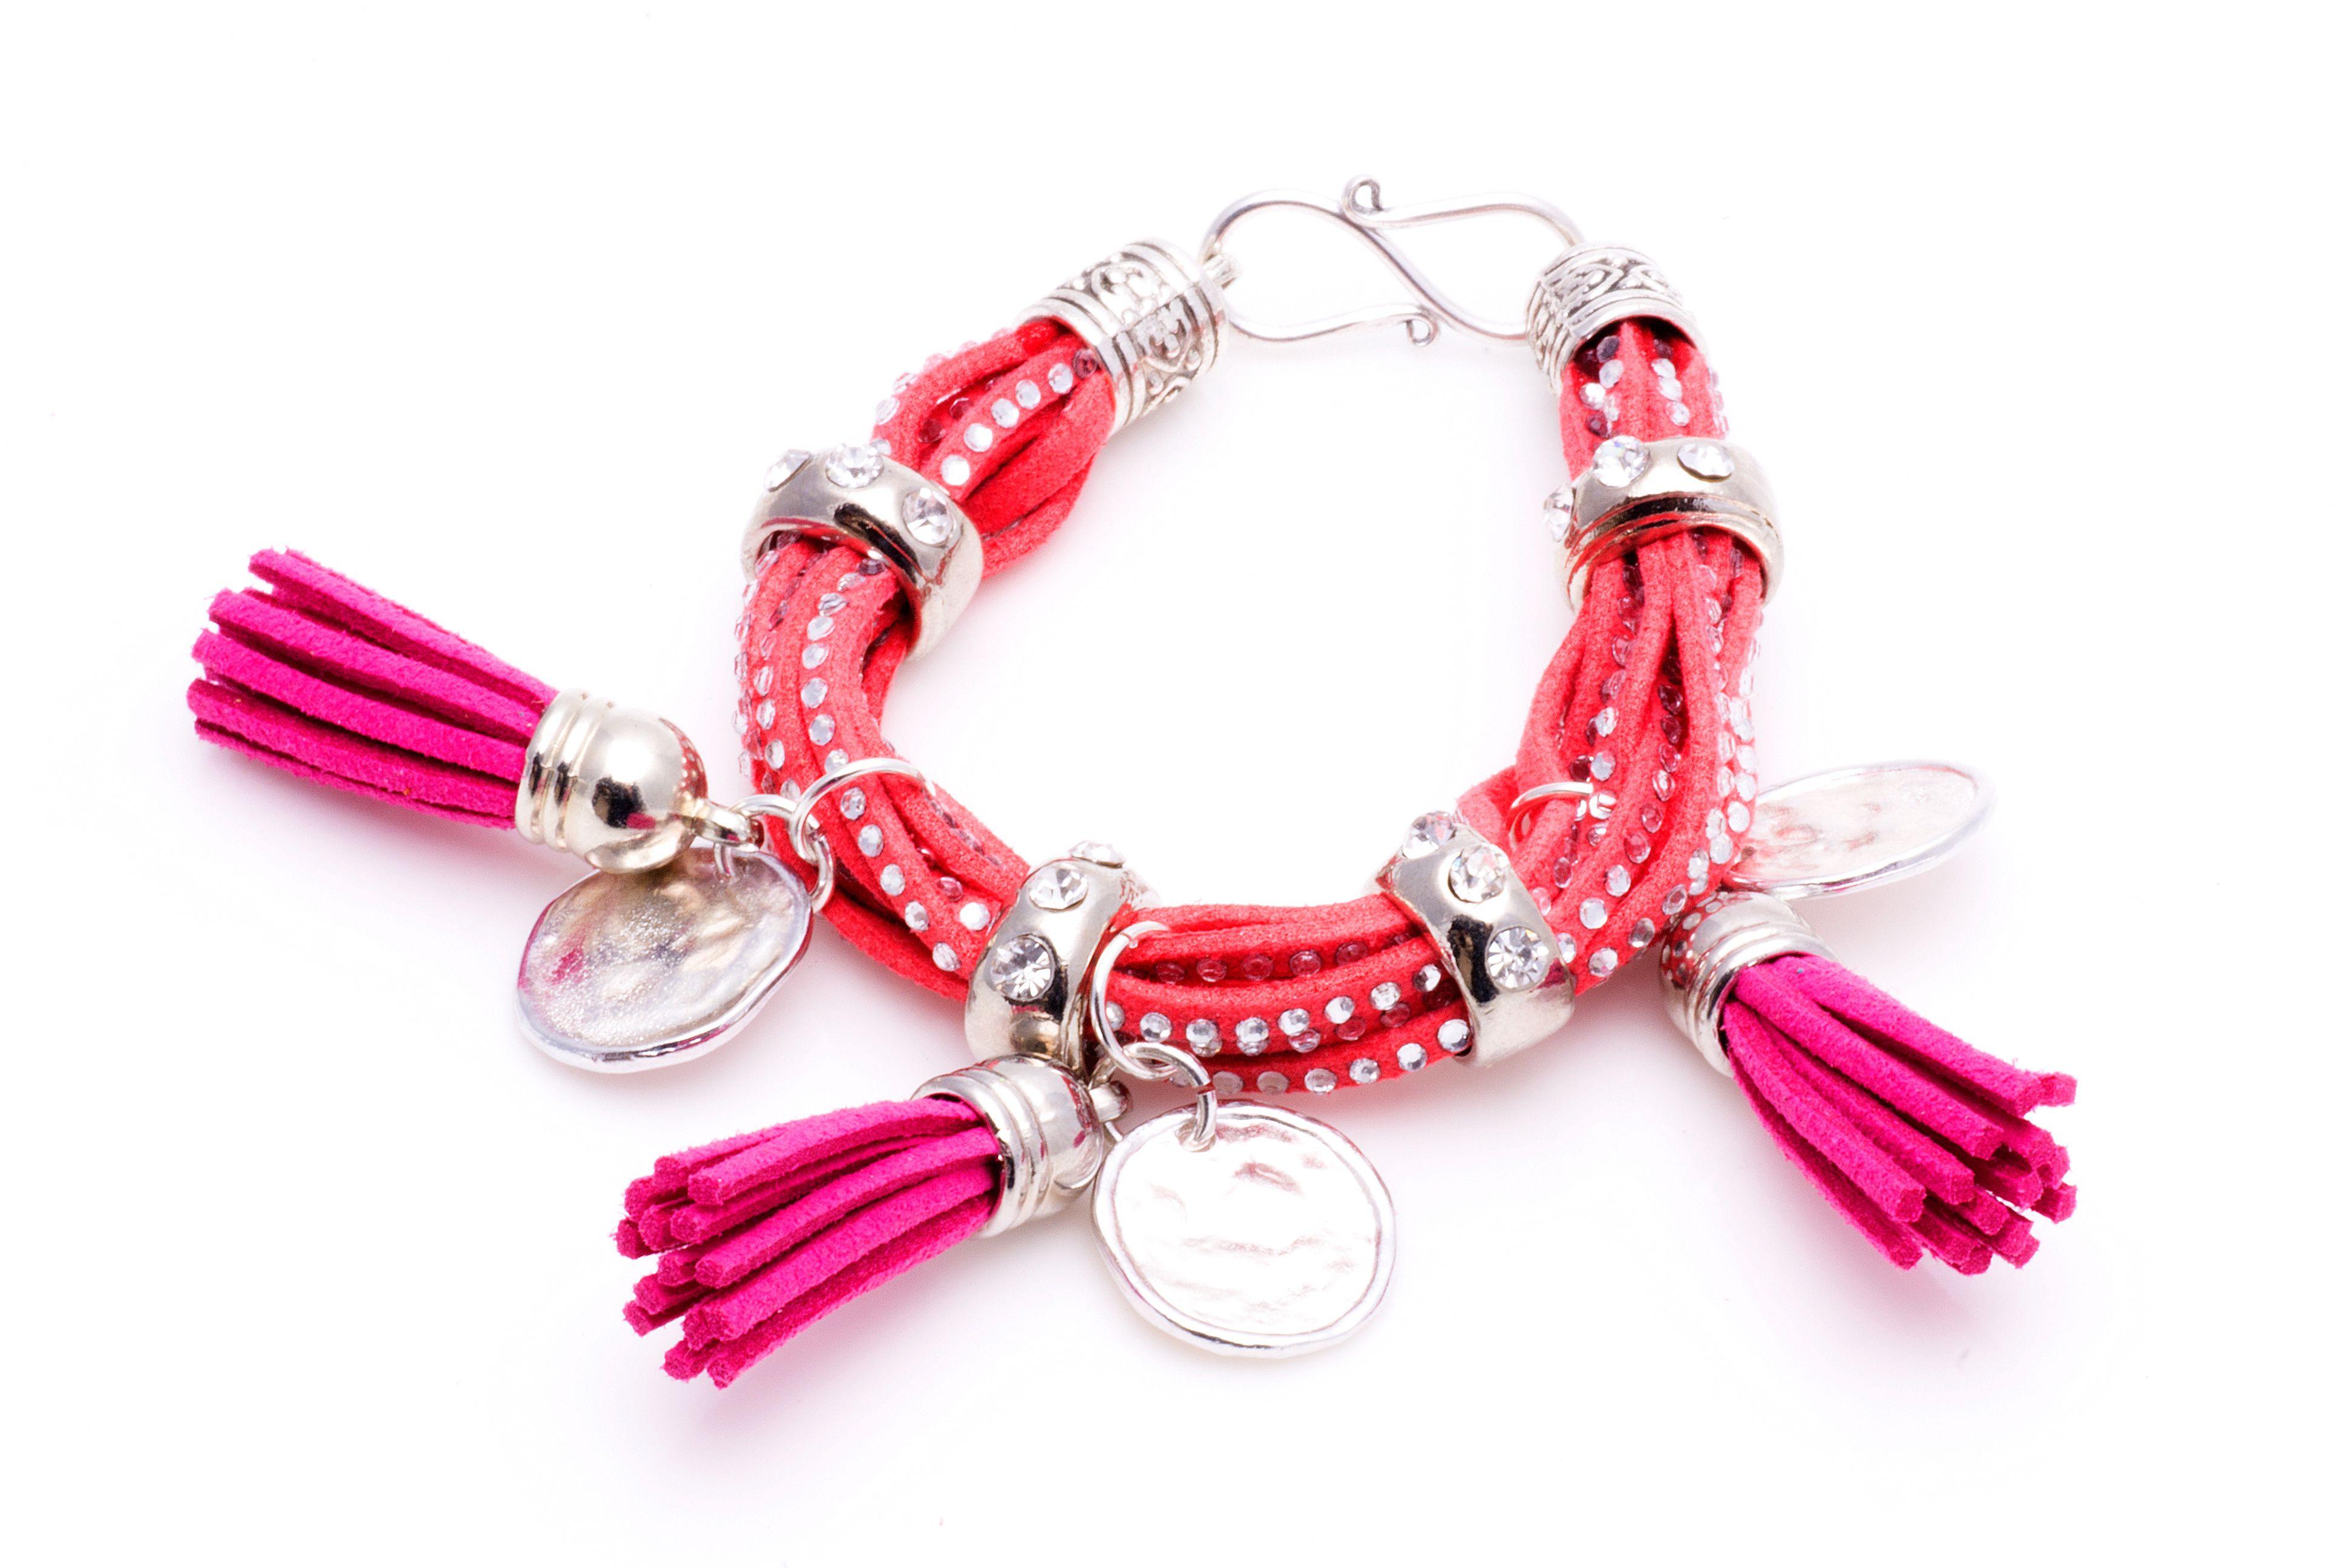 Exclusiva pulsera #Boho Style fucsia con entrepiezas en zámak y flecos de adorno.